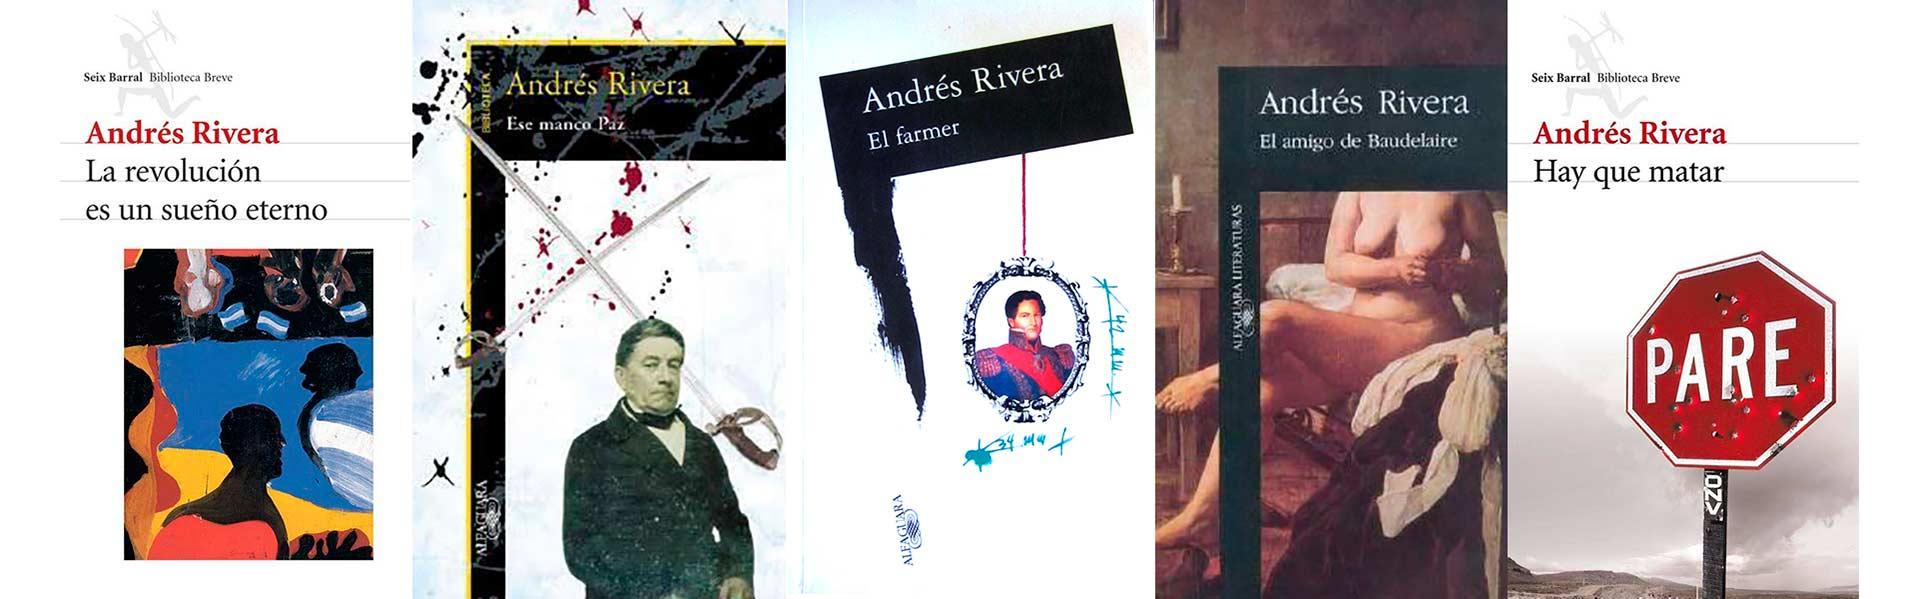 andres_rivera_caja_11